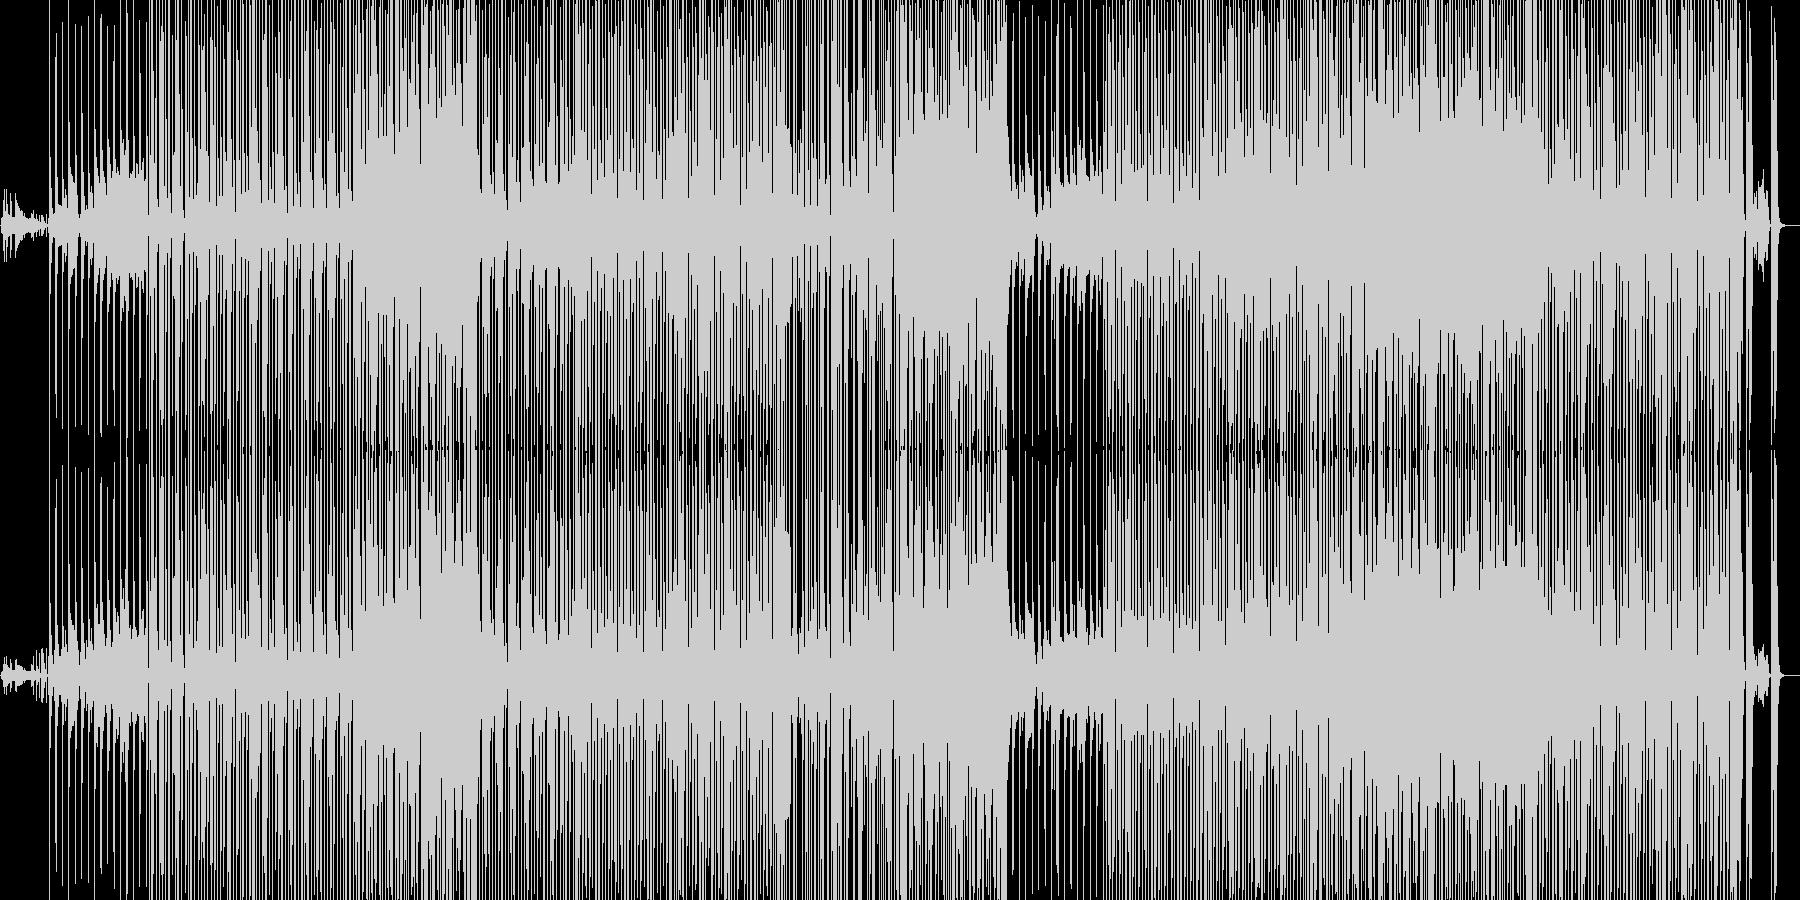 エンタメショー風ヒップホップインストの未再生の波形